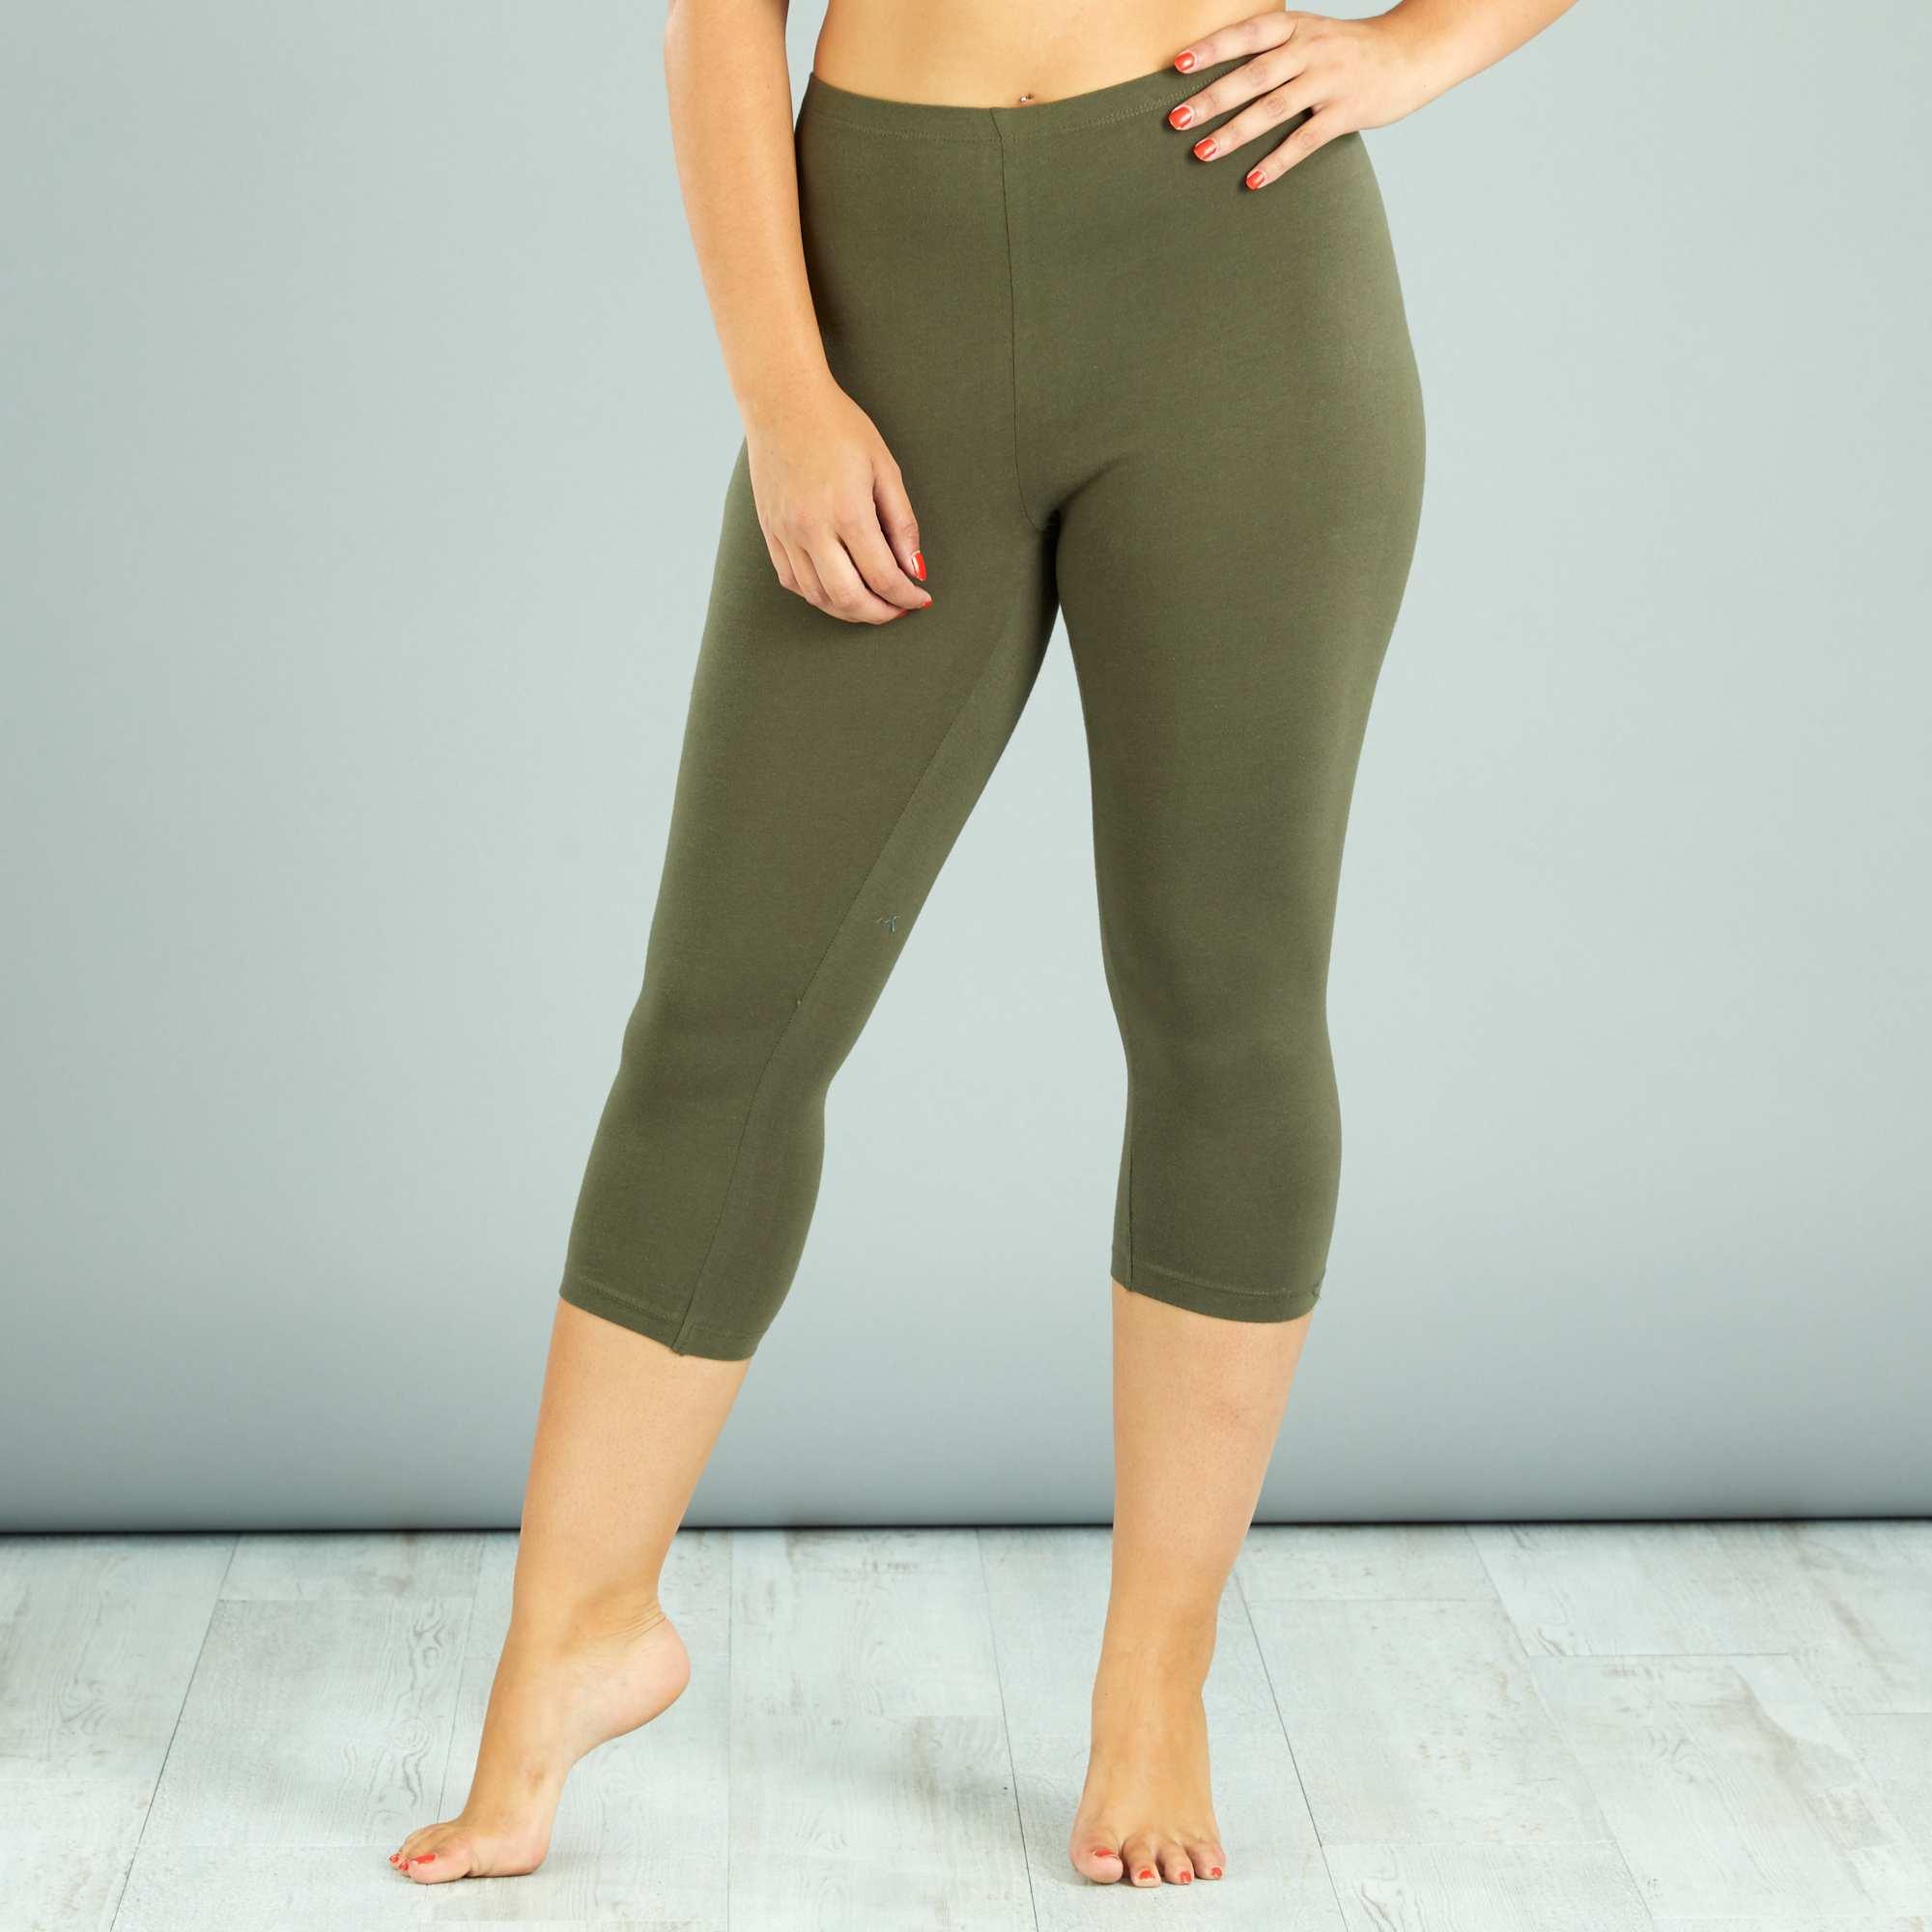 legging court grande taille femme kiabi 8 00. Black Bedroom Furniture Sets. Home Design Ideas